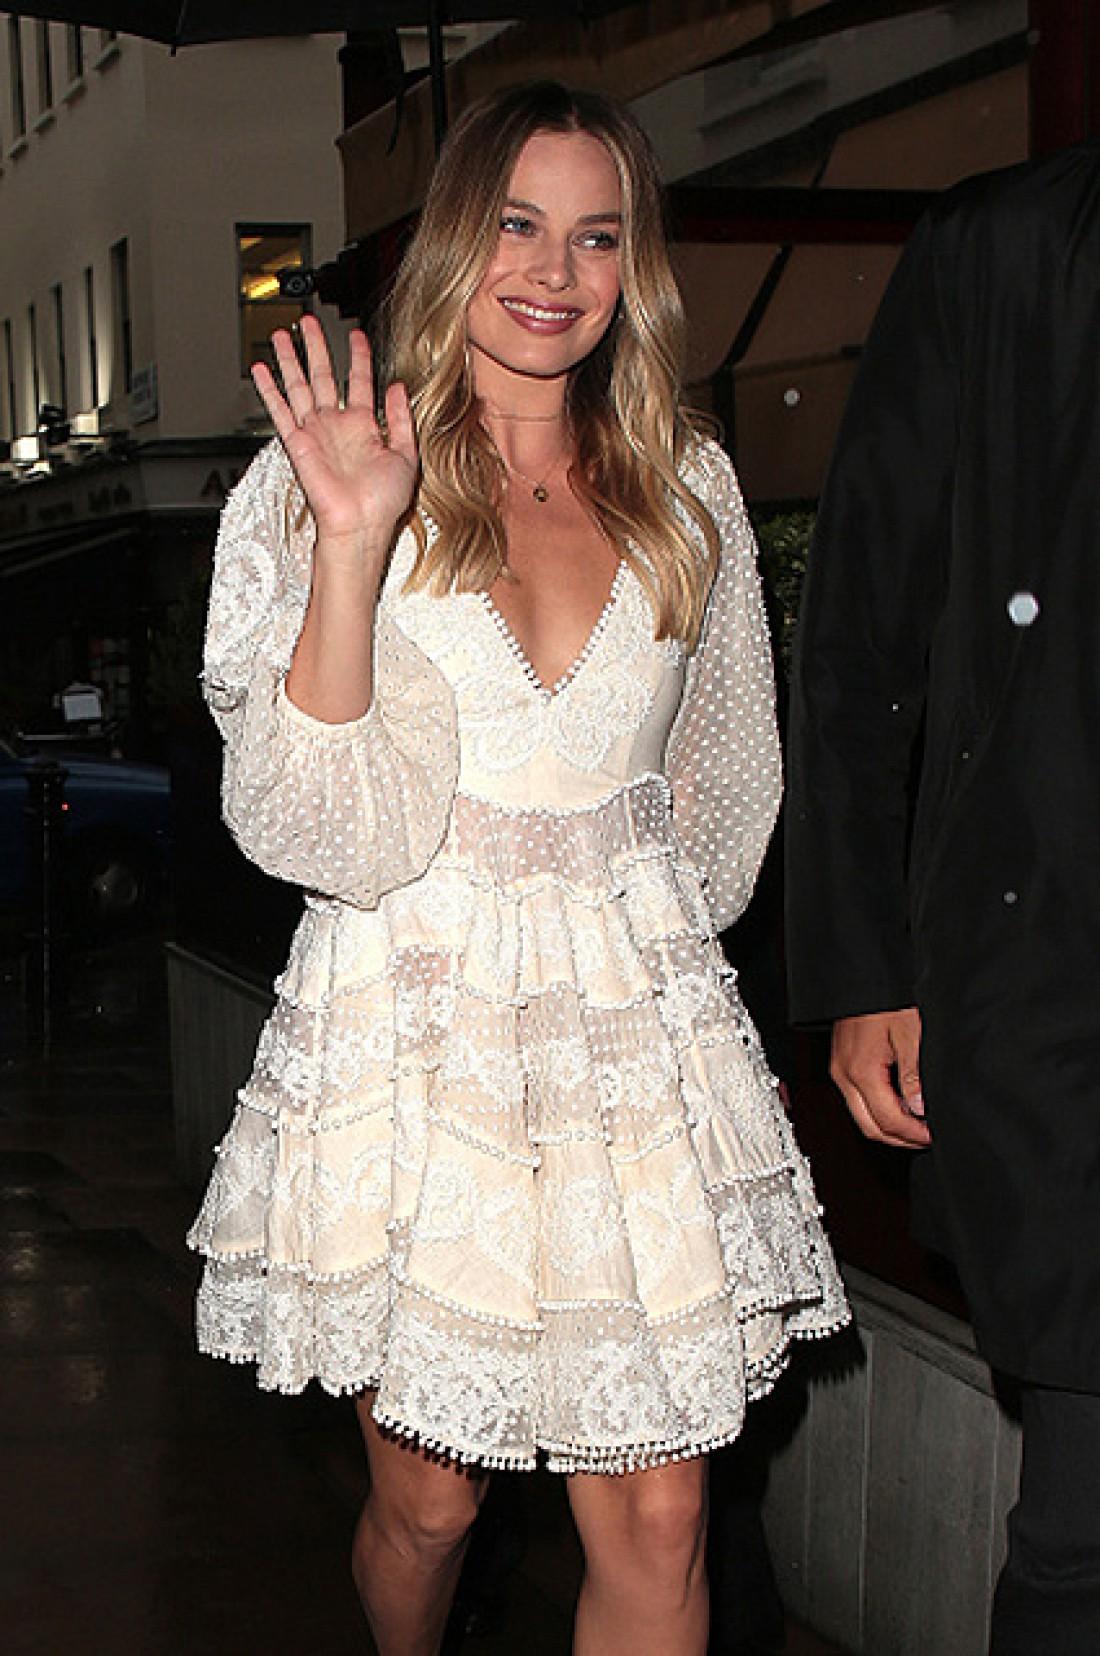 Марго Робби посетила мероприятие в ретро-платье